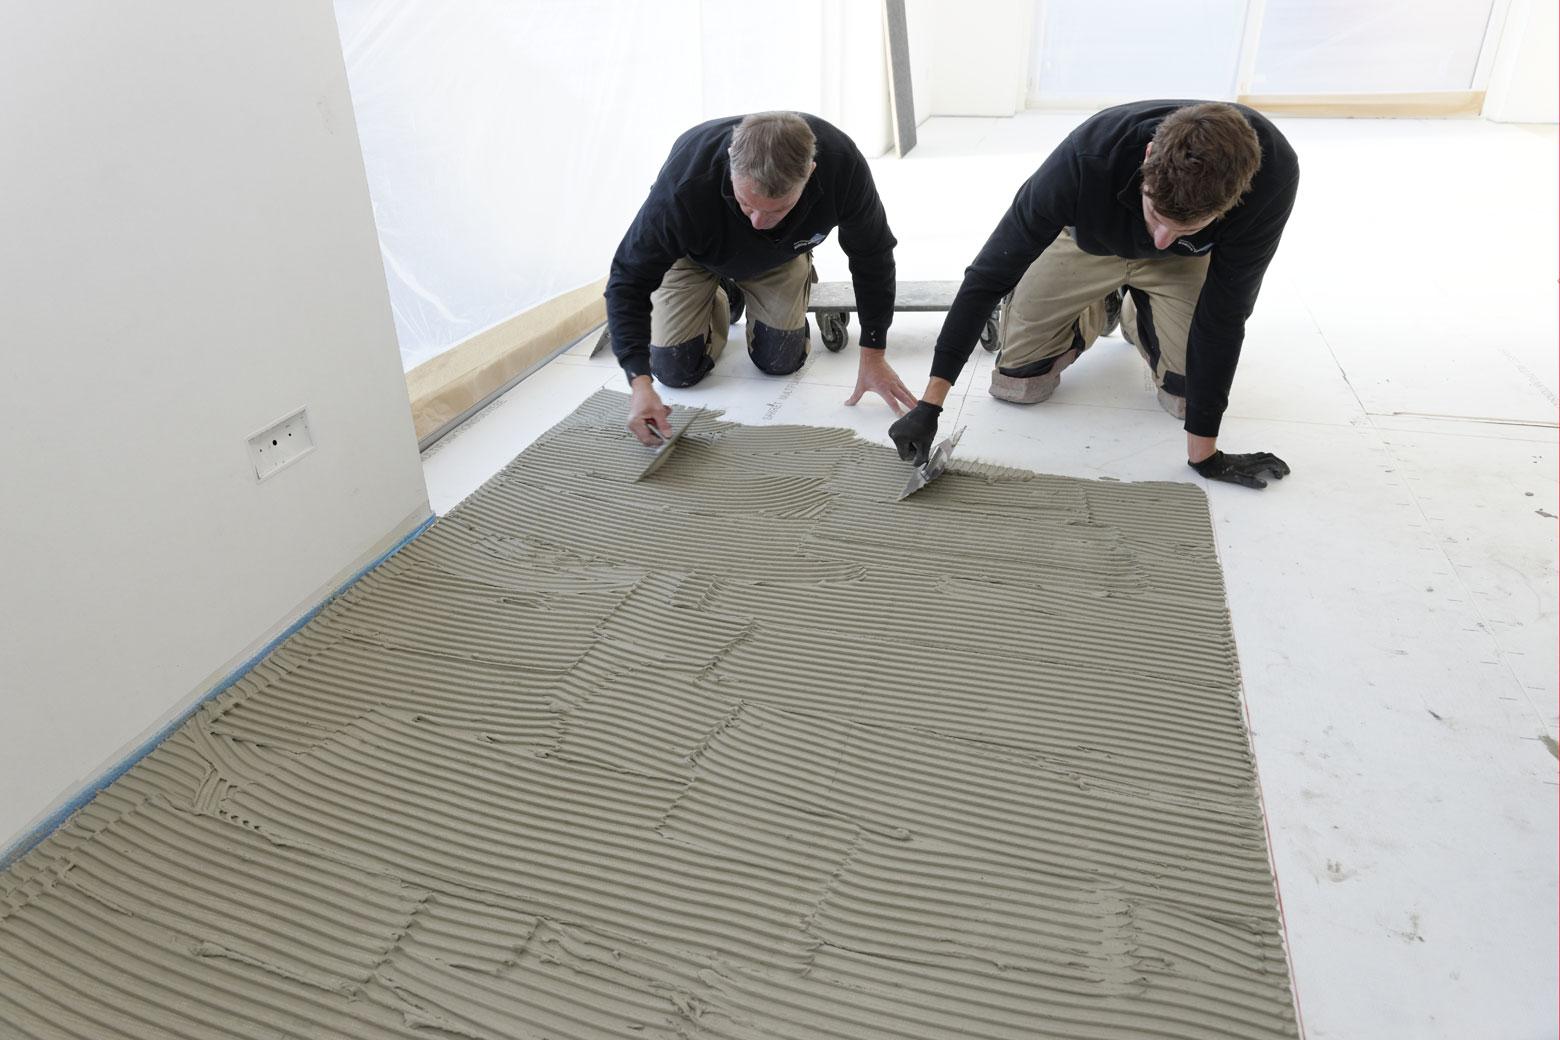 Fliesenverleger spachteln den Boden im Wohnzimmer mit Fliesenkleber